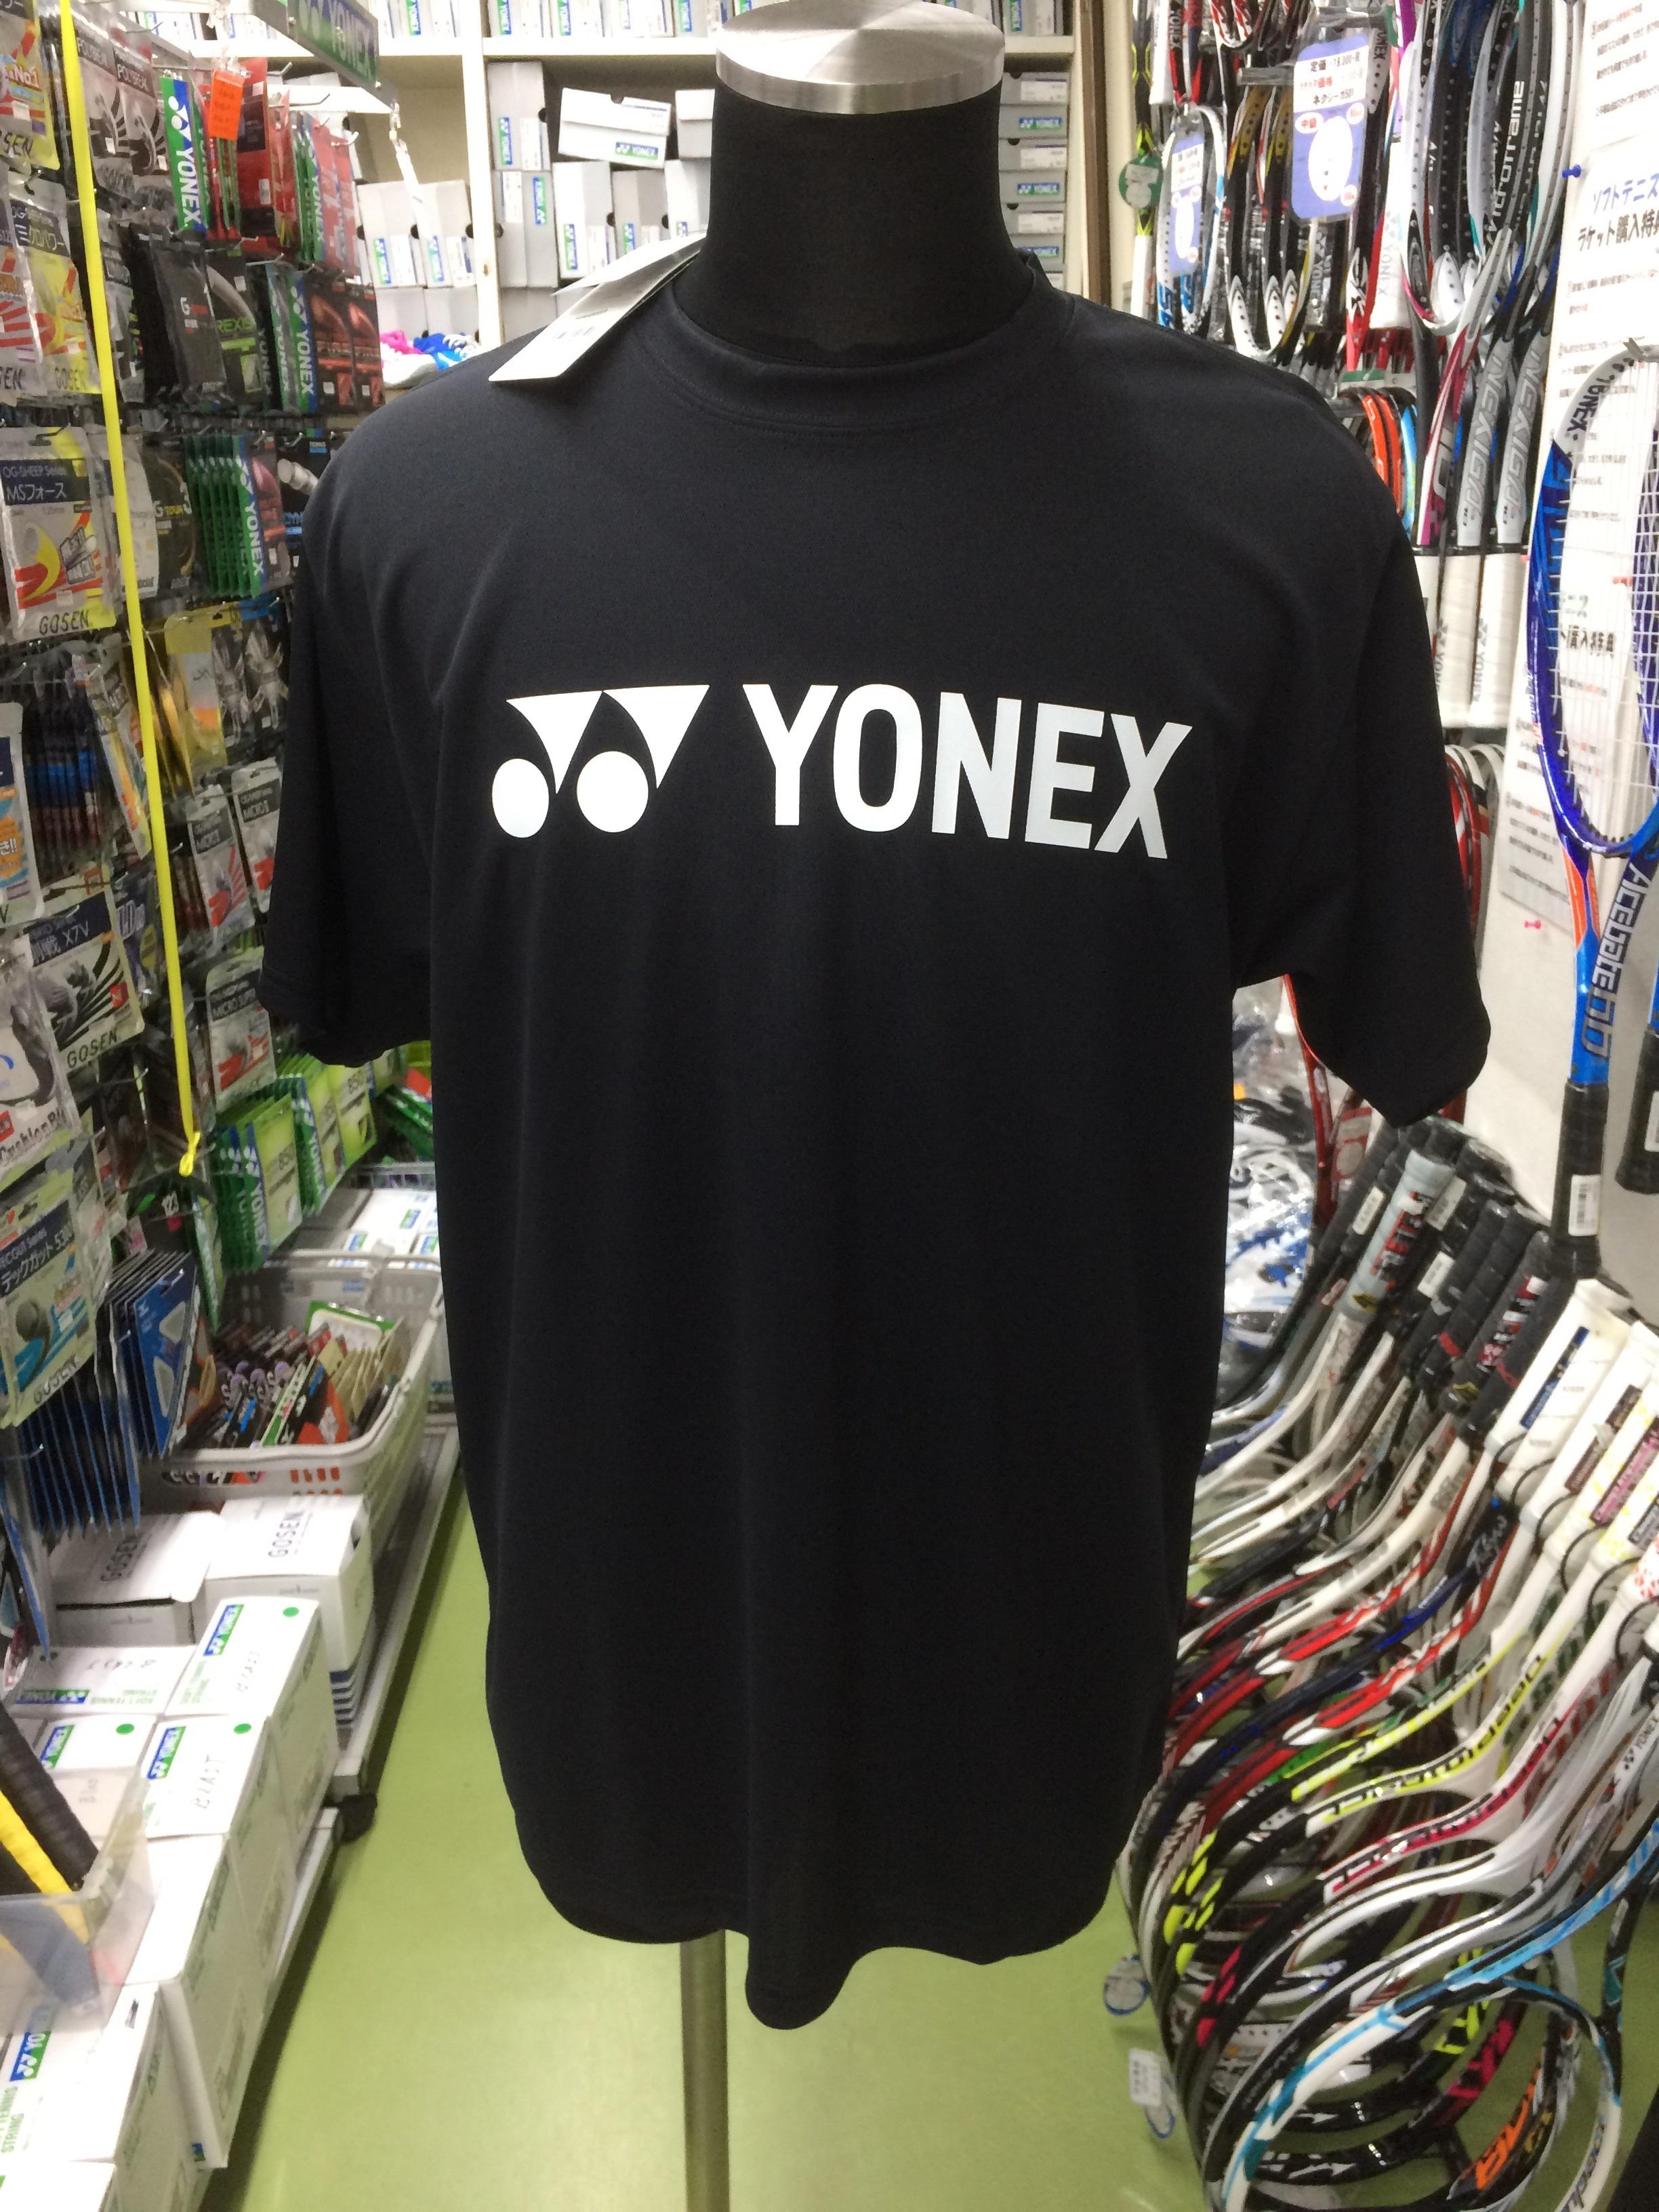 ヨネックス ユニドライTシャツ 16197Y - 画像1